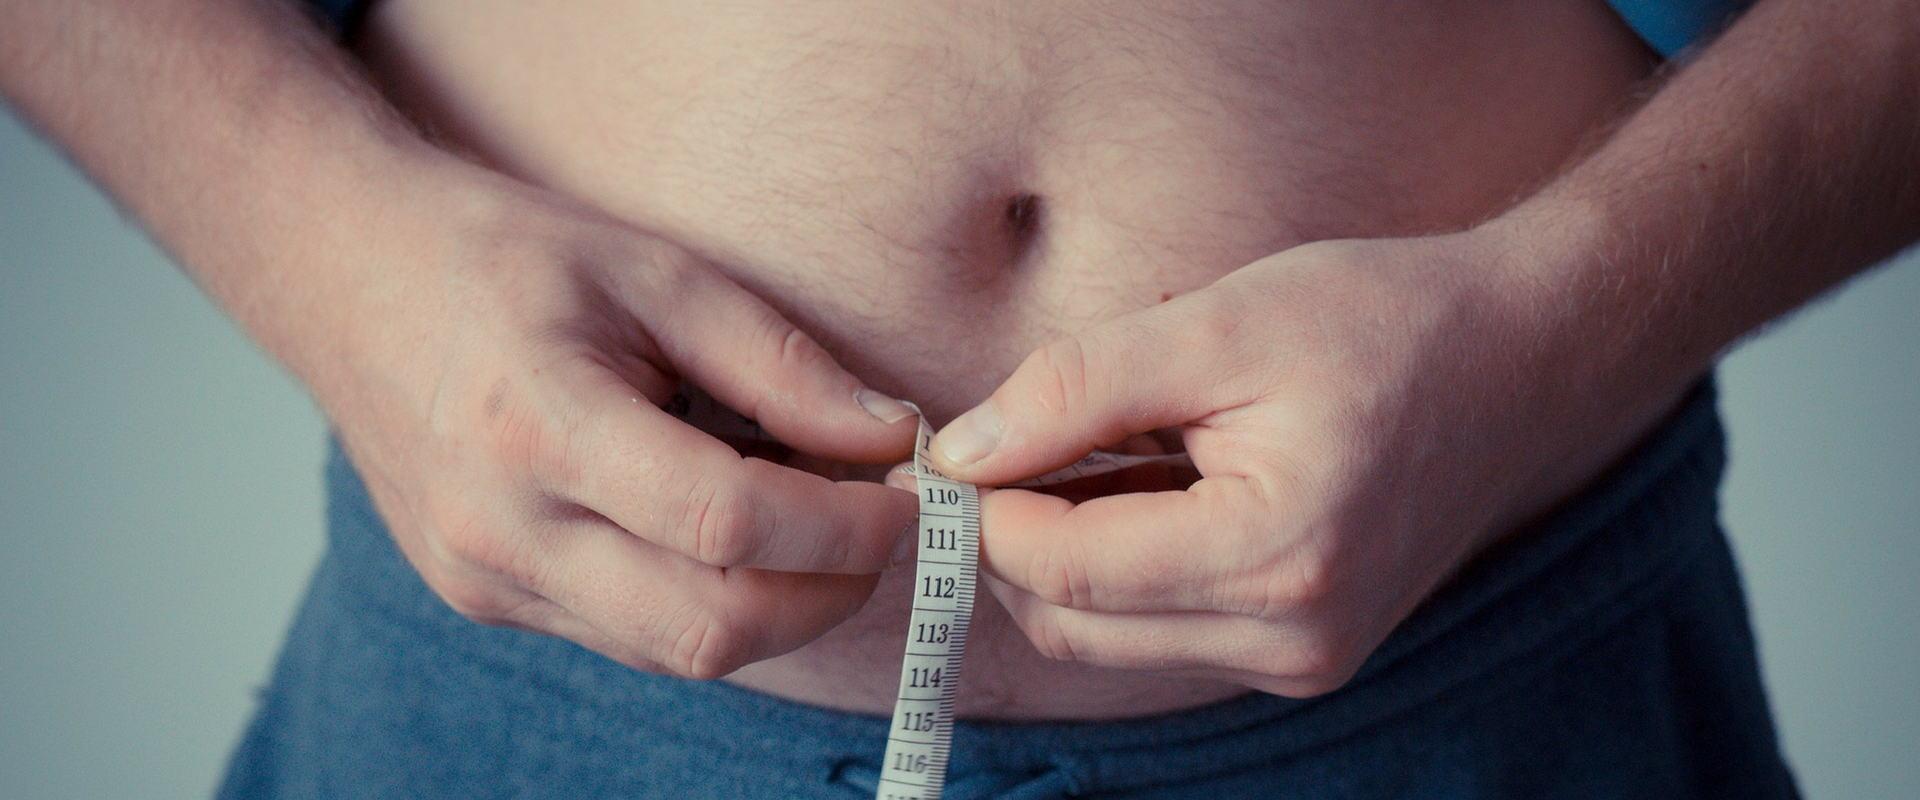 mężczyzna mierzący brzuch miarką